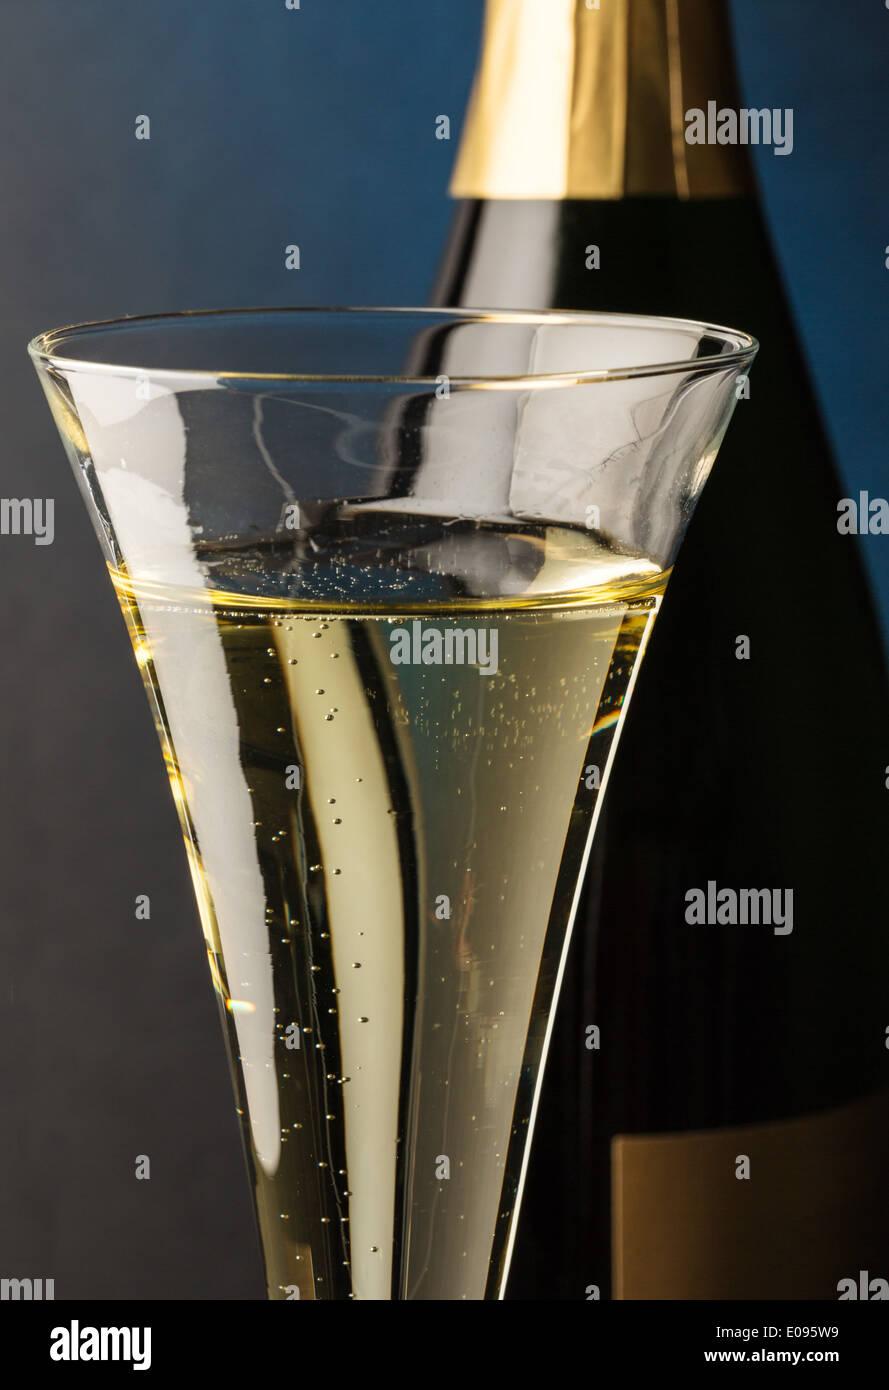 Botella de champán con copa de champaña. Foto simbólico fue celebraciones y vueltas del año., mit Champagnerflasche Foto de stock